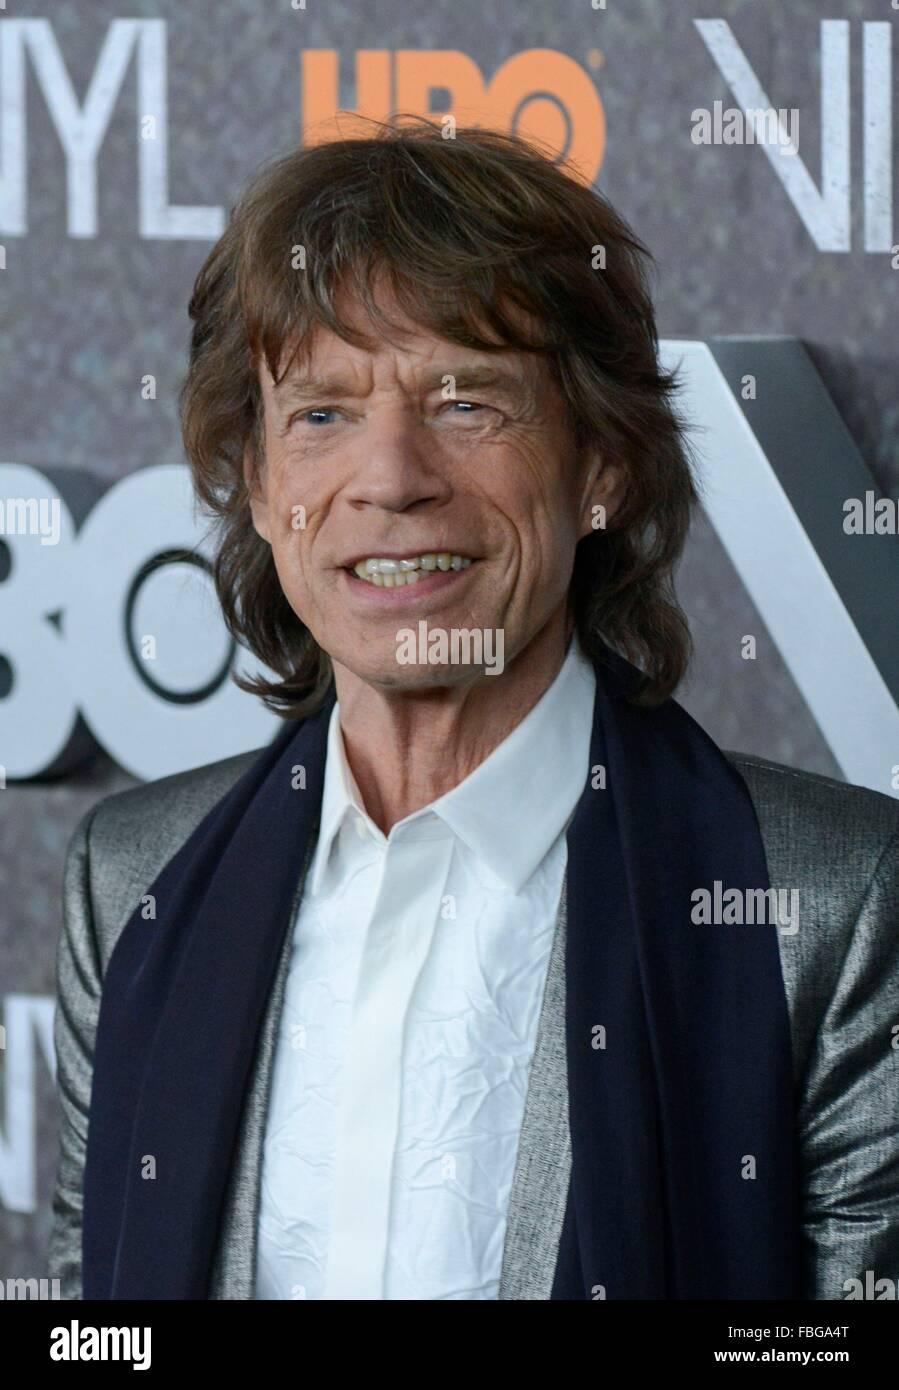 Mick Jagger Stock Photos Amp Mick Jagger Stock Images Alamy